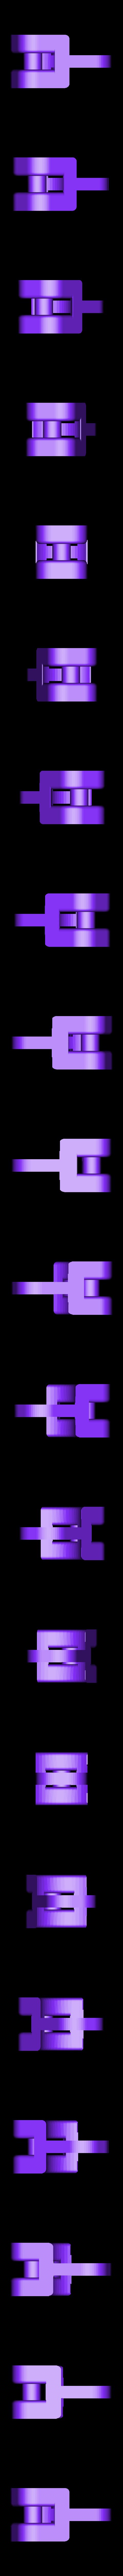 Reptile_boddy.stl Télécharger fichier STL gratuit Reptile print at once with movable torso • Design pour imprimante 3D, squiqui